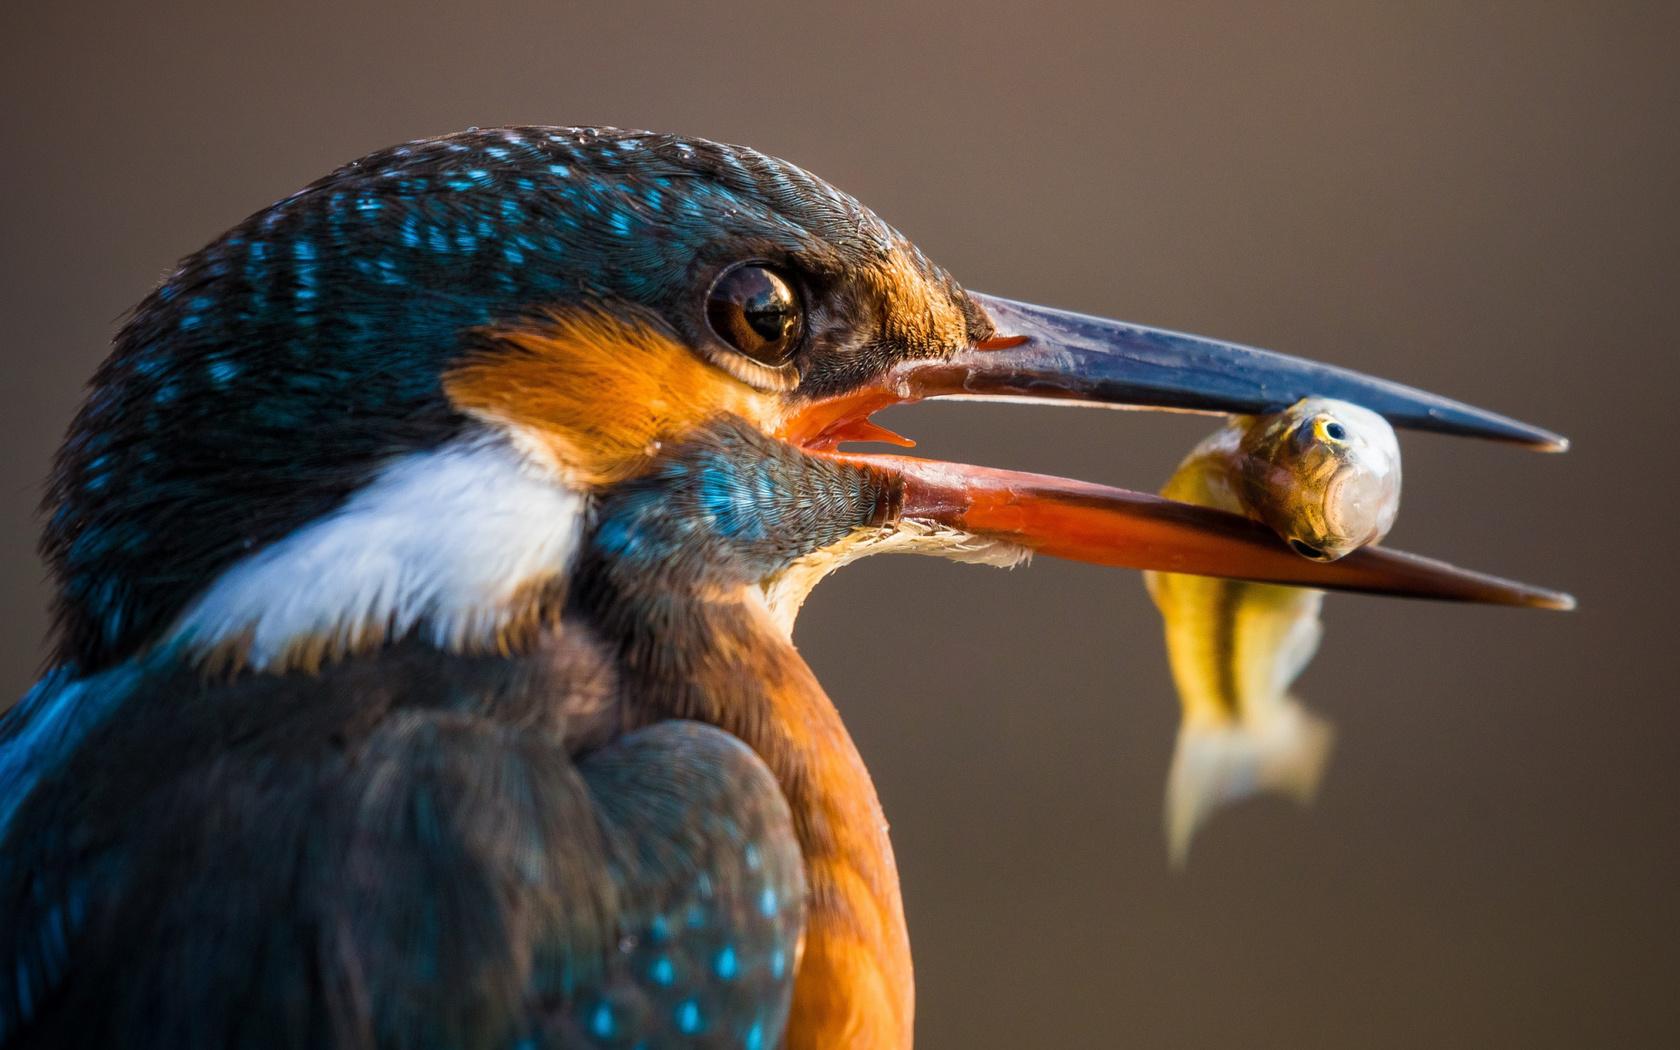 мой мир фото птиц привлекательные голые